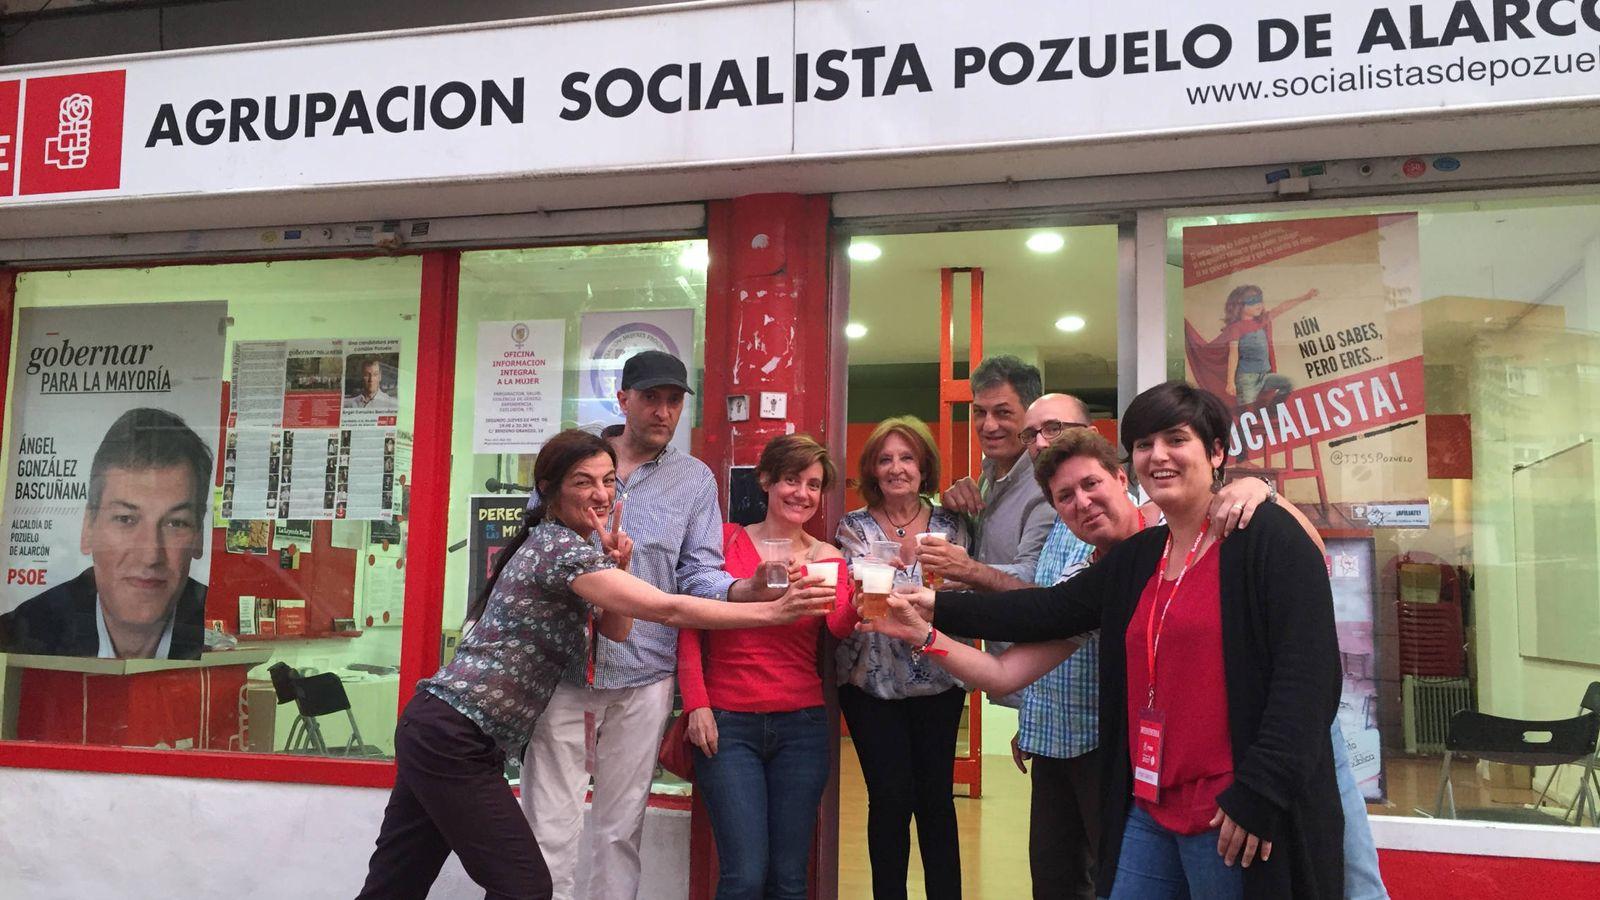 Foto: La agrupación de Pozuelo de Alarcón celebra la victoria de Pedro Sánchez. (EC)